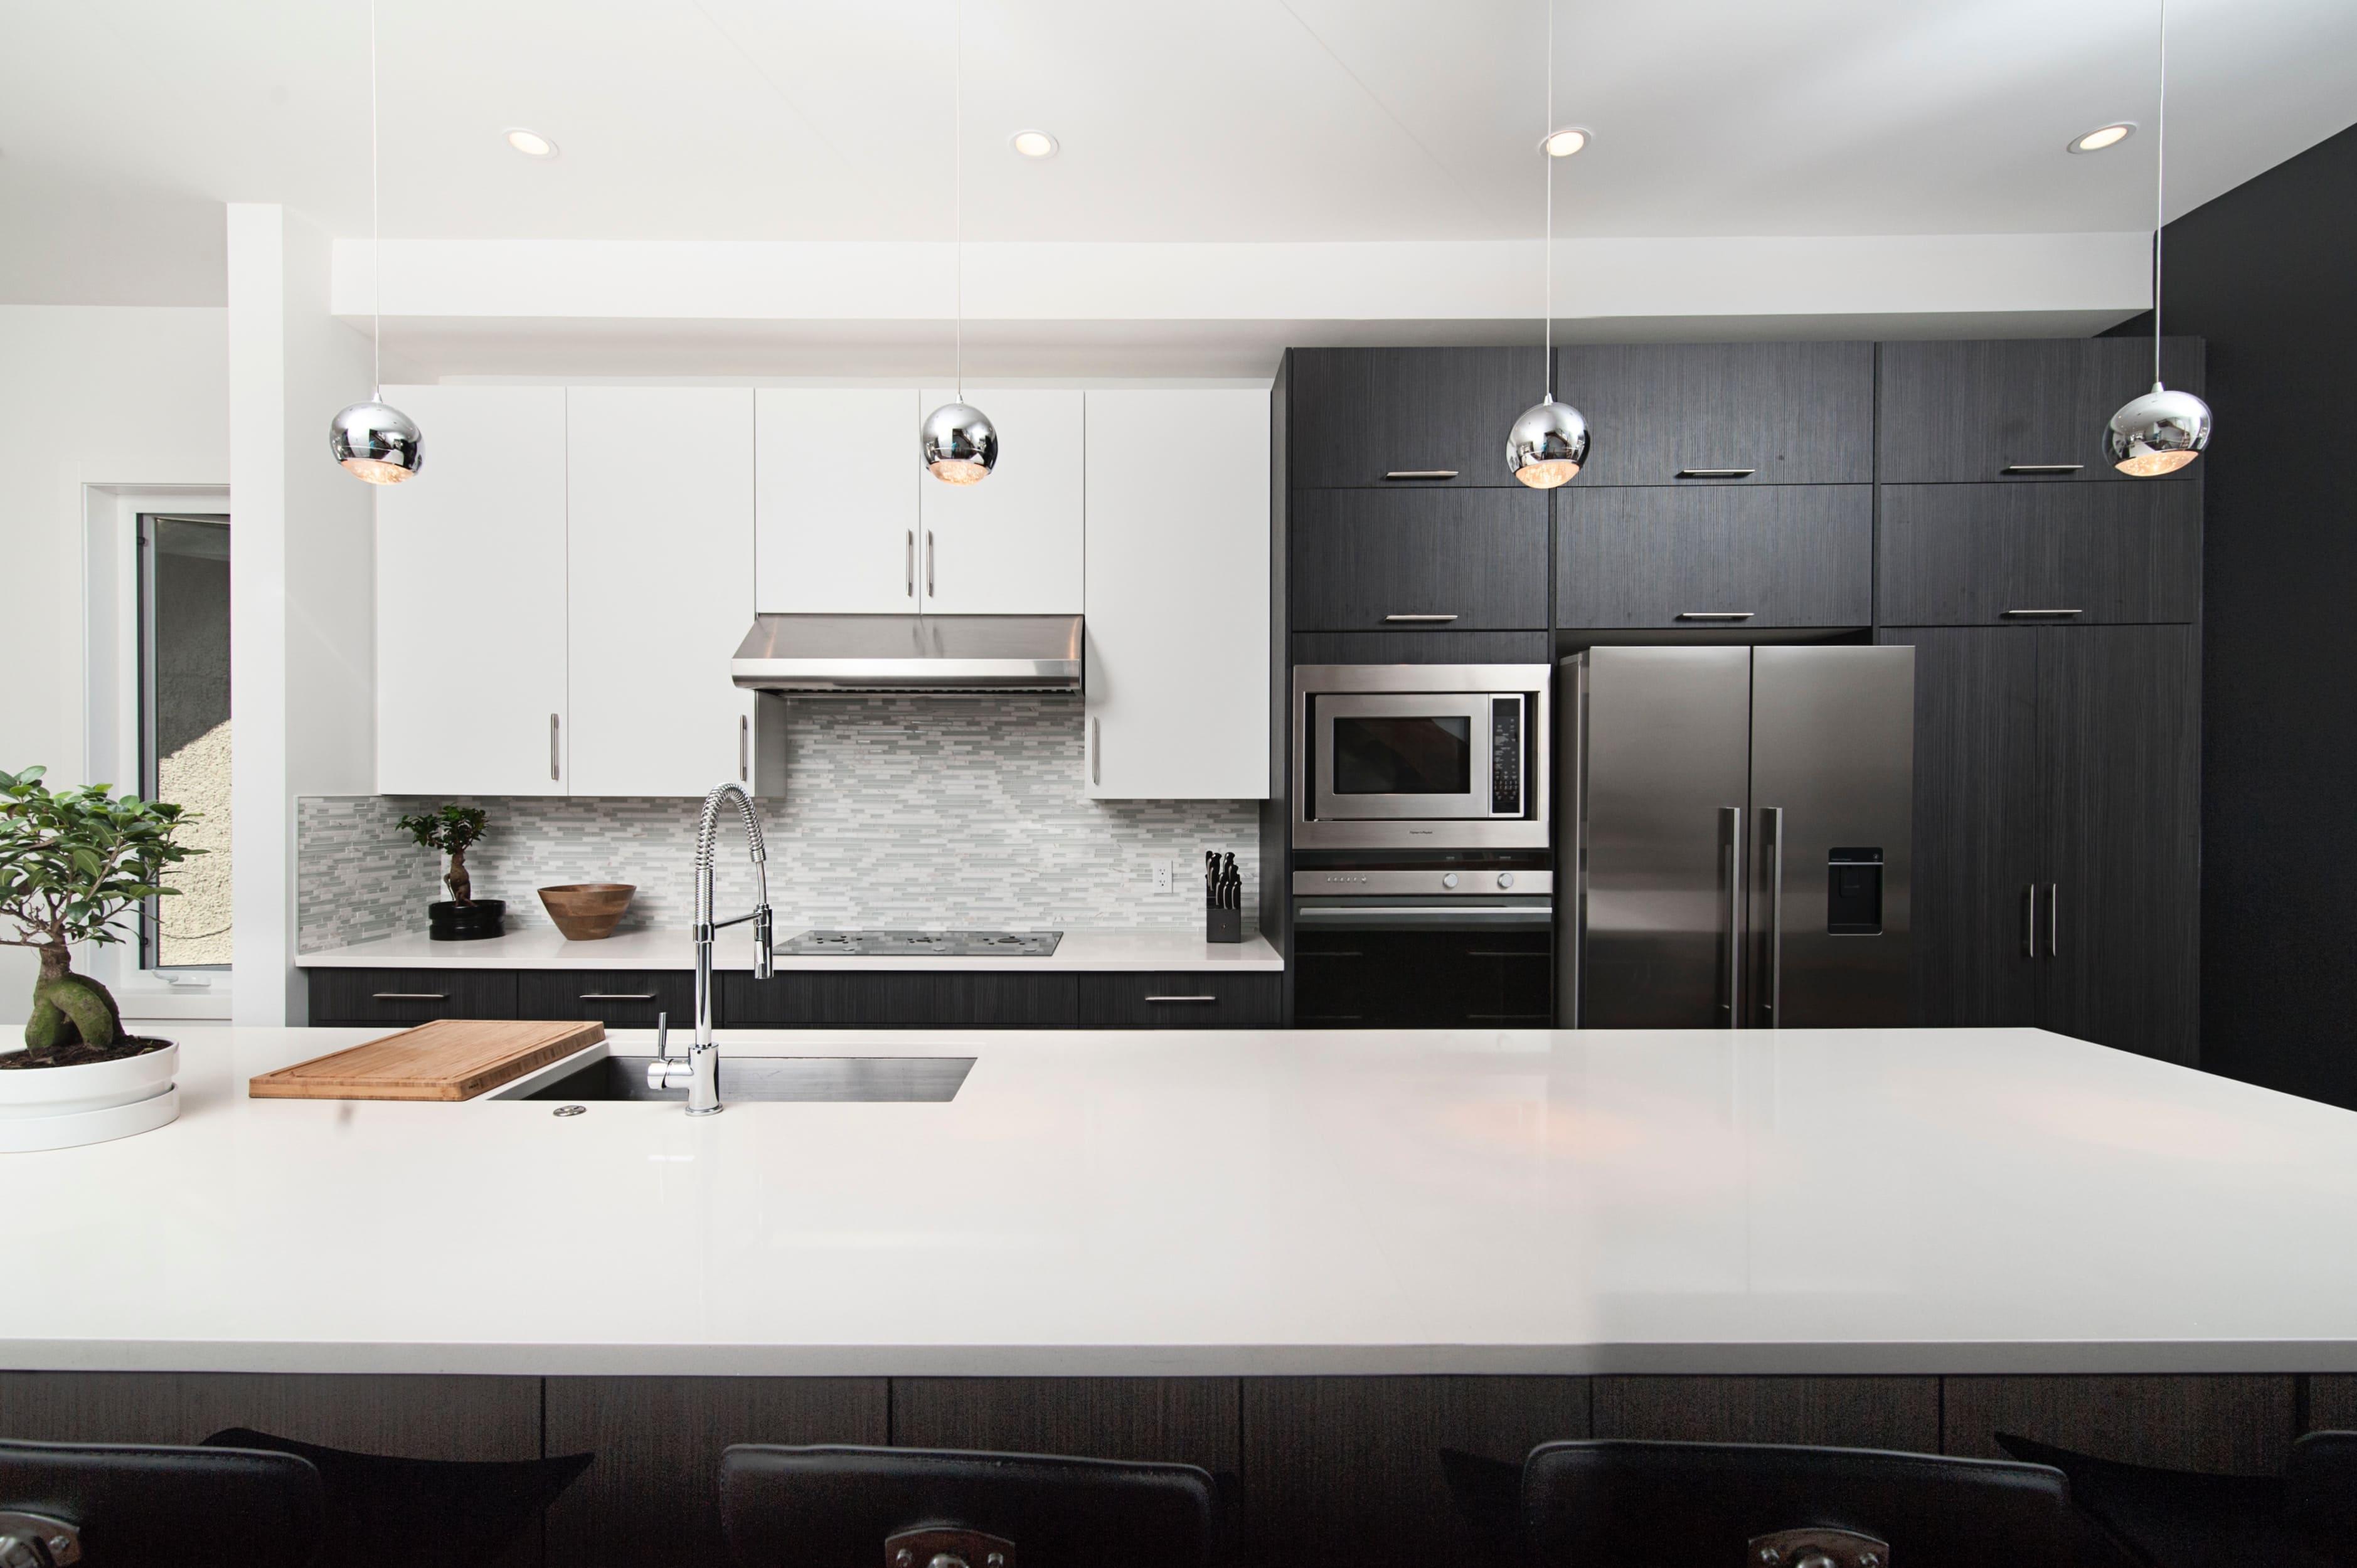 50 Best Modern Kitchen Design Ideas For 2019: Easylife Kitchens